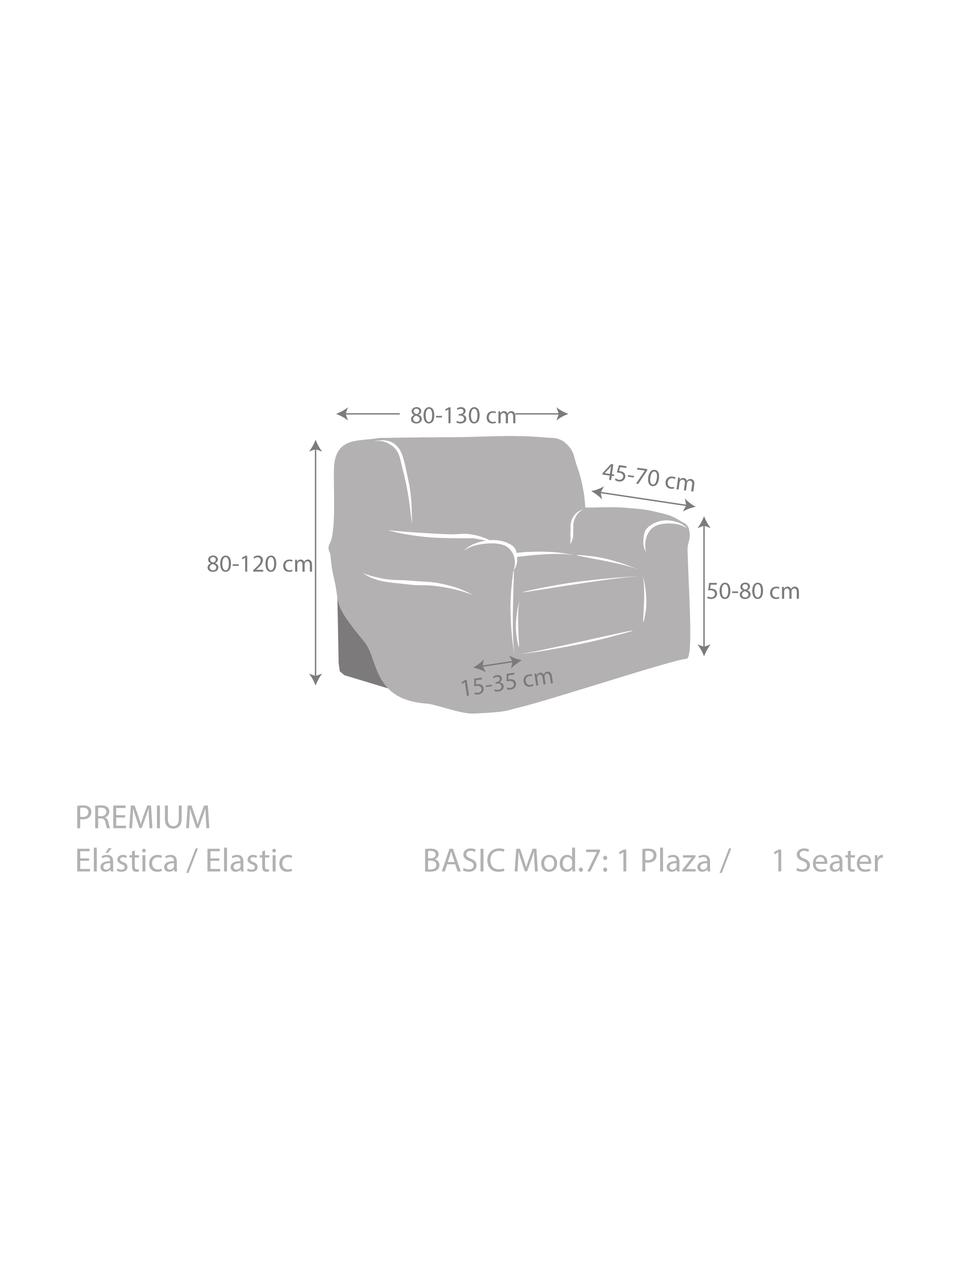 Copertura poltrona Roc, 55% poliestere, 35% cotone, 10% elastomero, Color crema, Larg. 130 x Alt. 120 cm